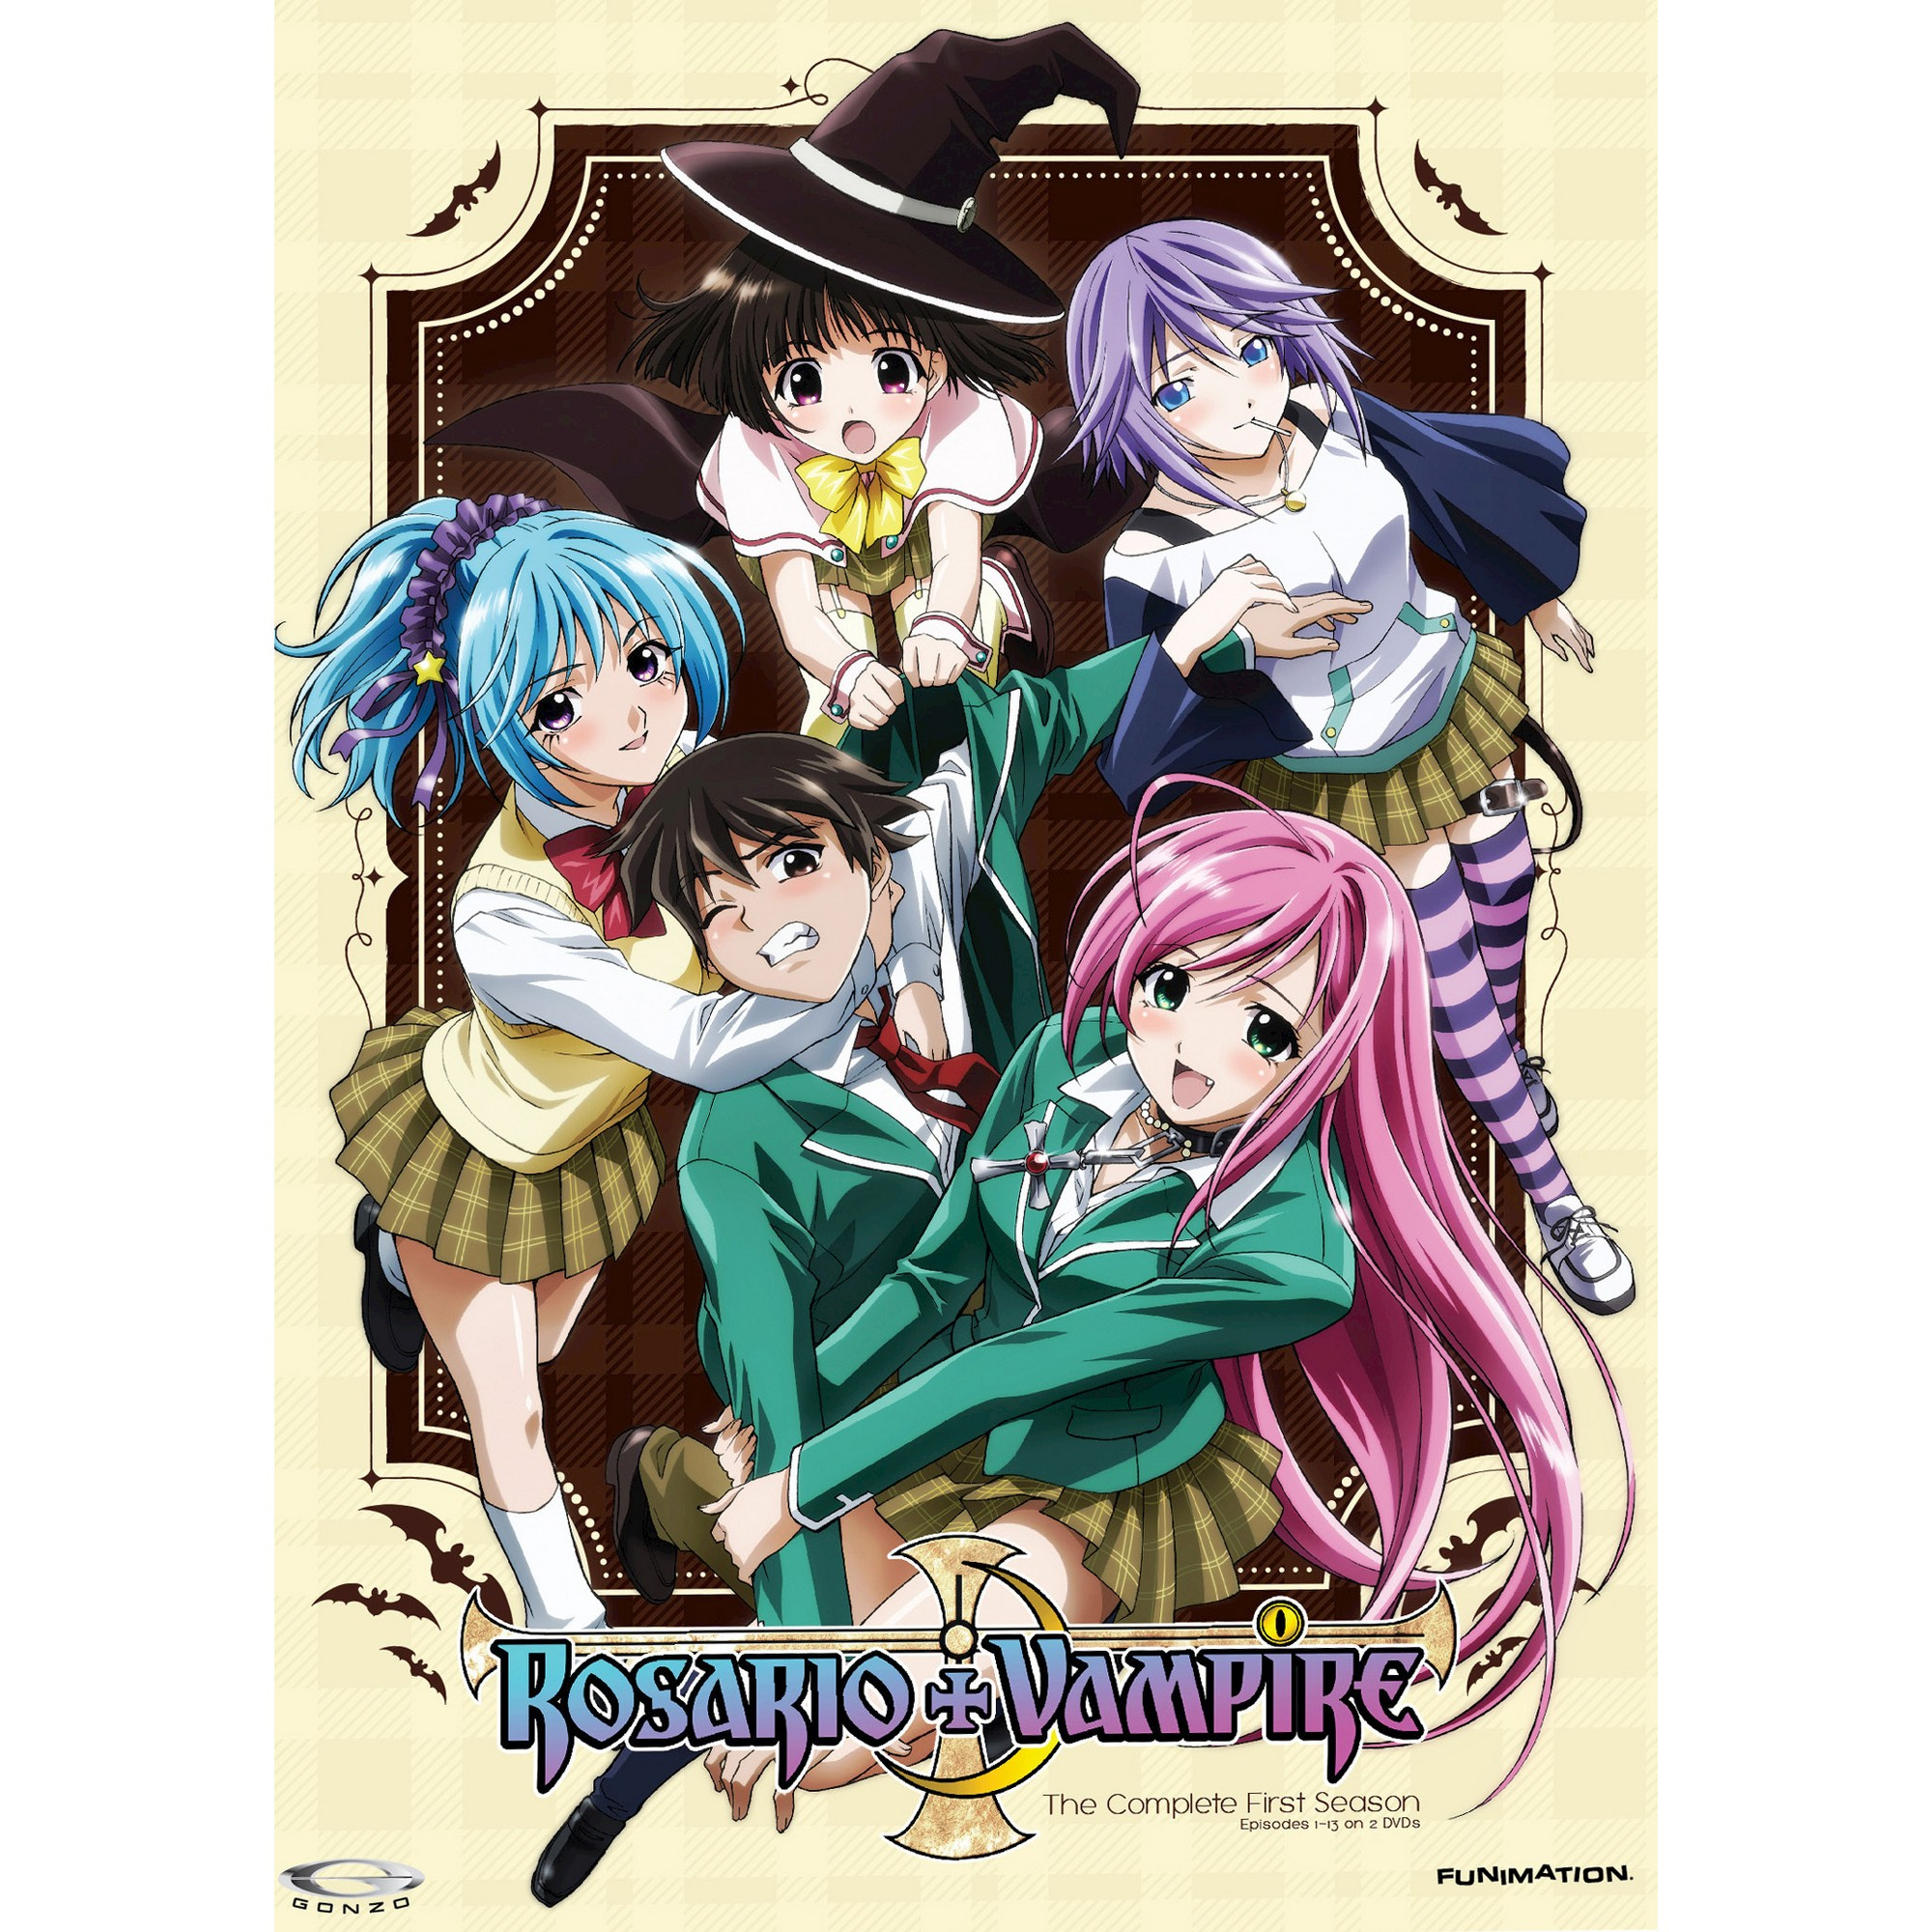 All Vampire Animes rosario plus vampire:complete ssn 1 (dvd) | rosario plus